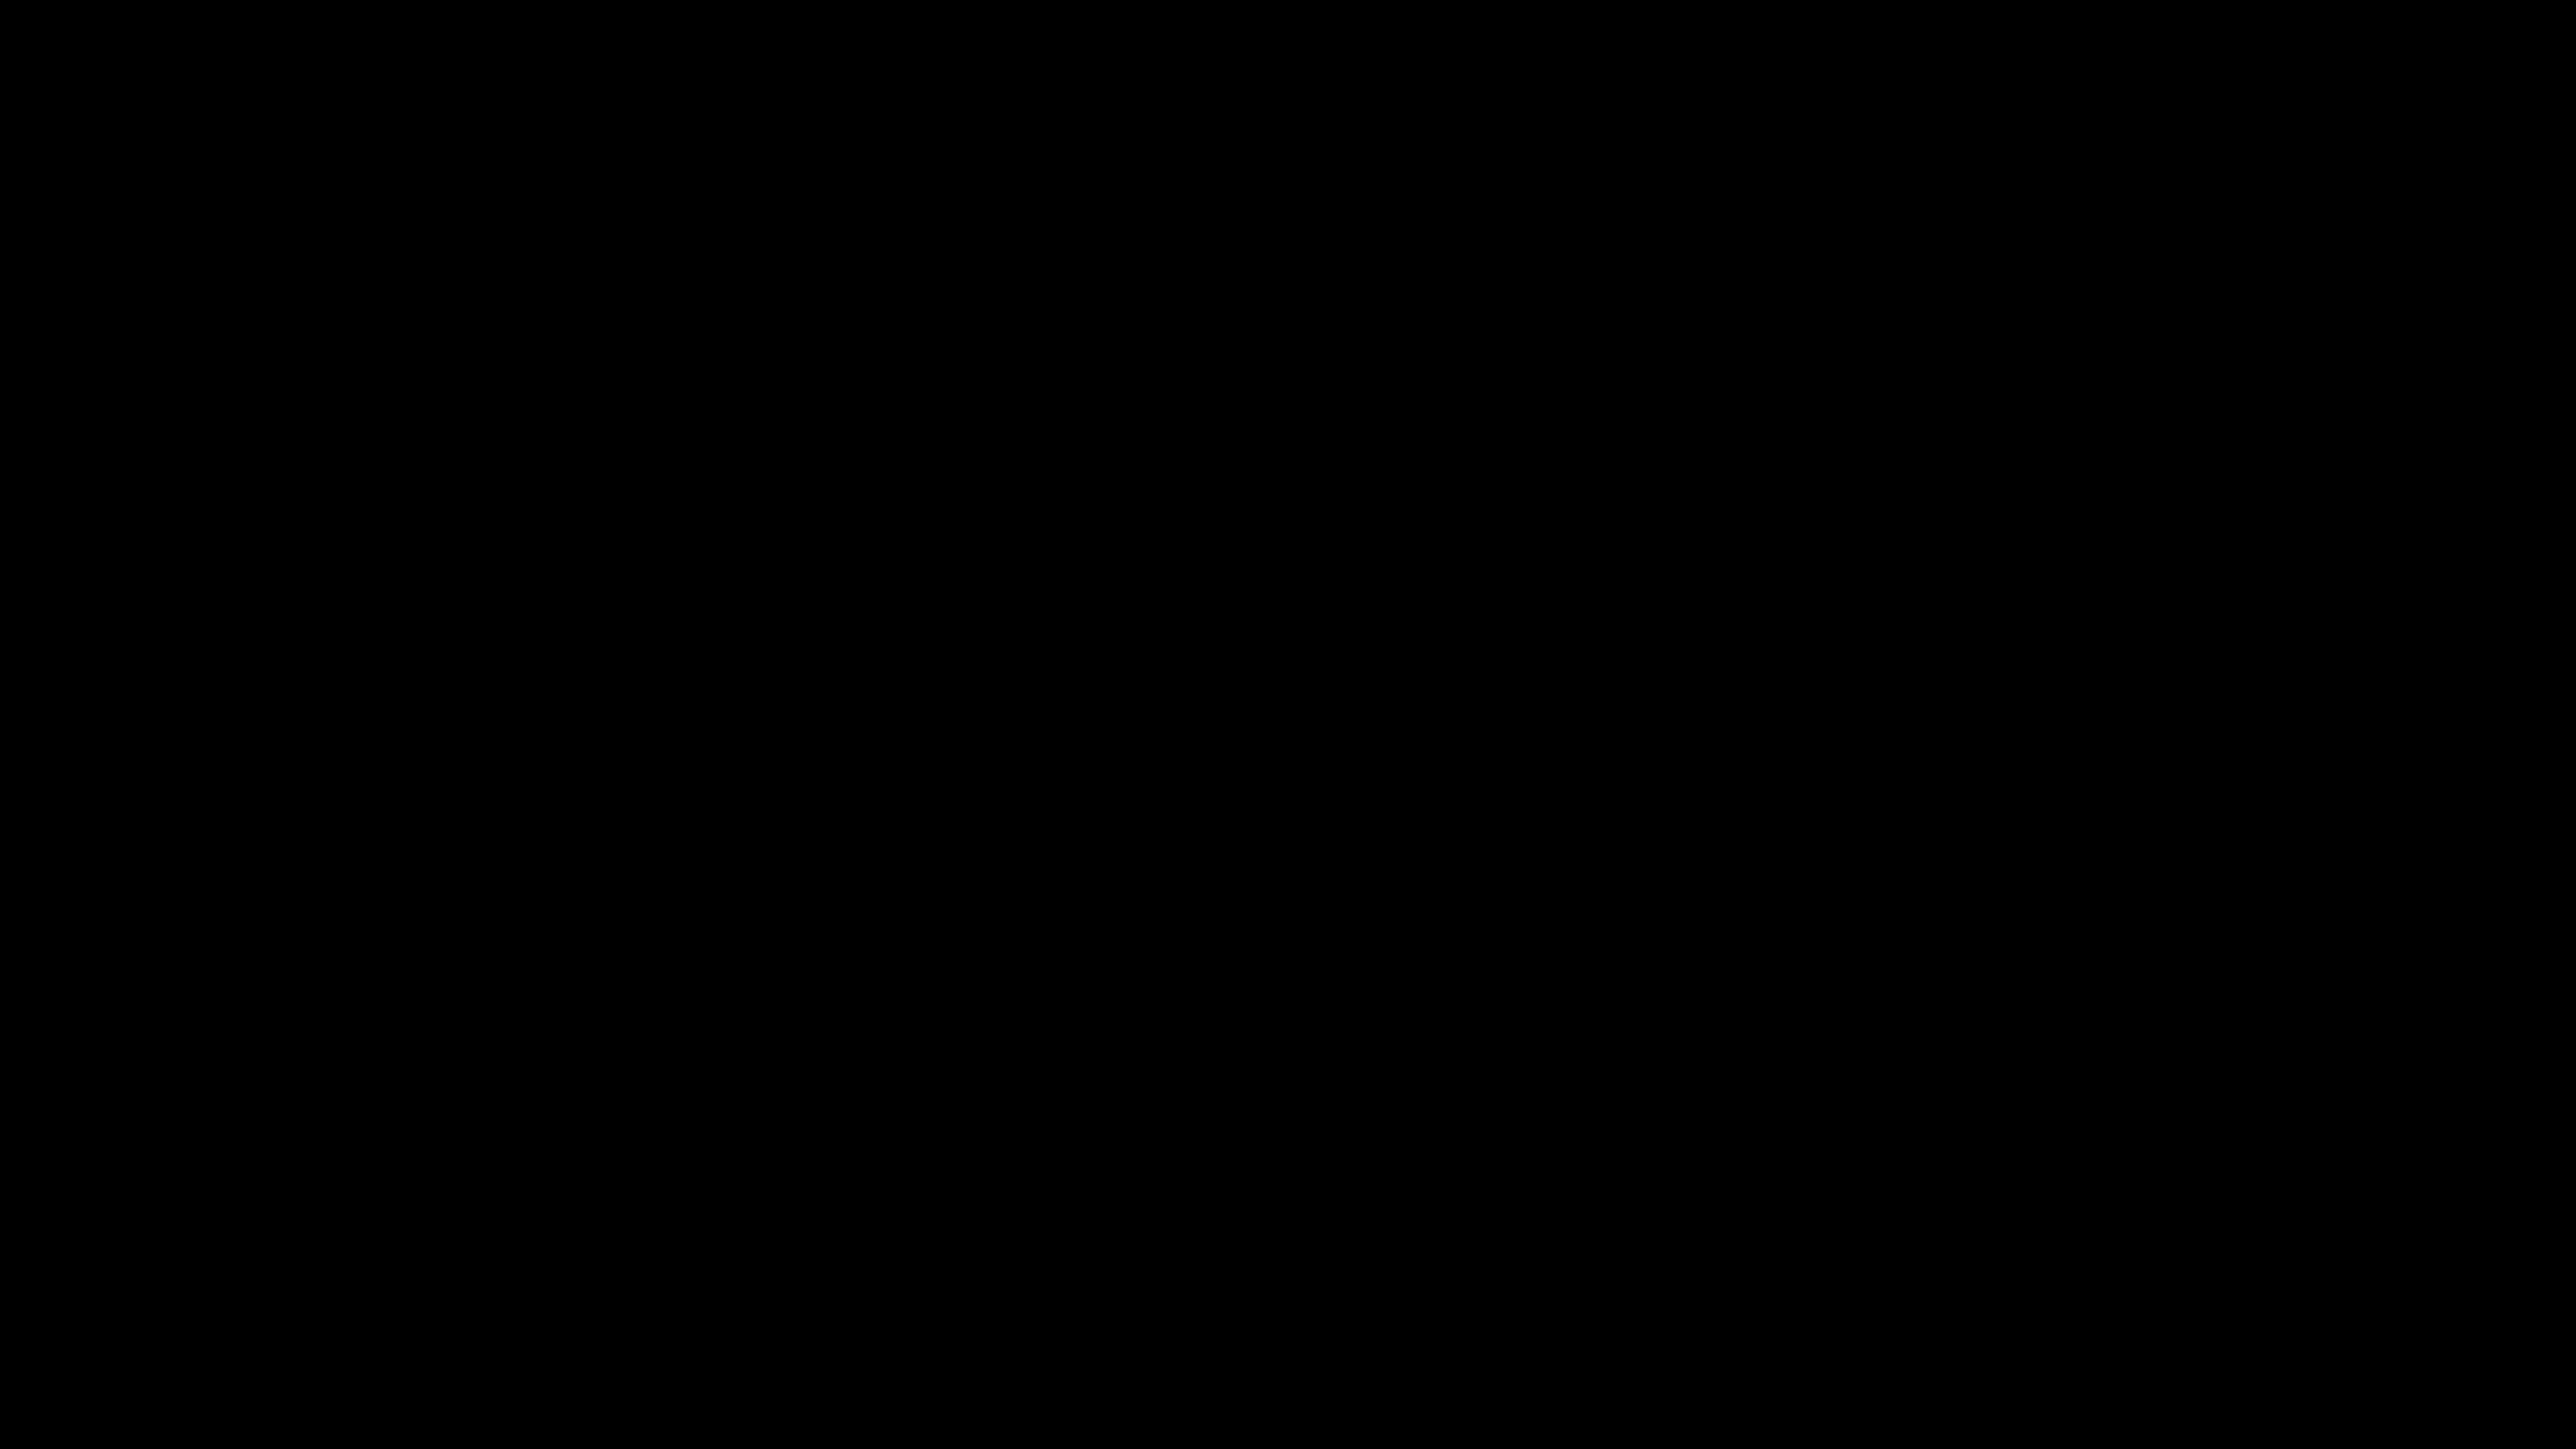 Амстердам столица Нидерландов, где ВНЖ могут получить россияне, украинцы и белорусы